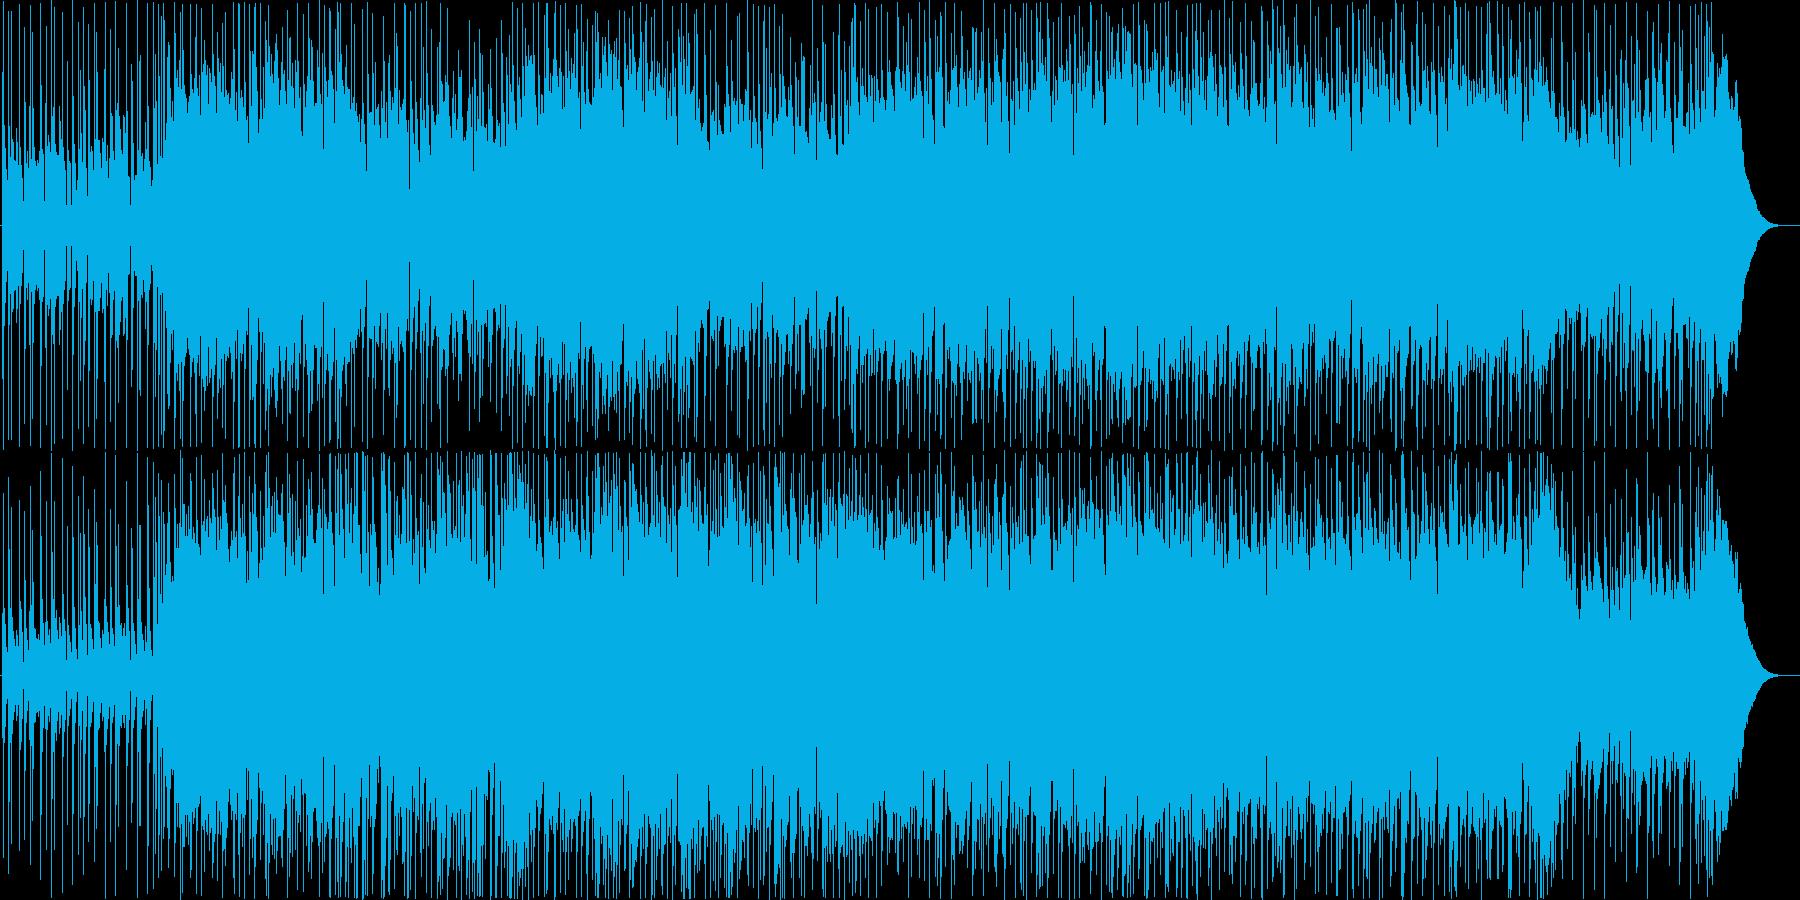 ギターインストポップの再生済みの波形